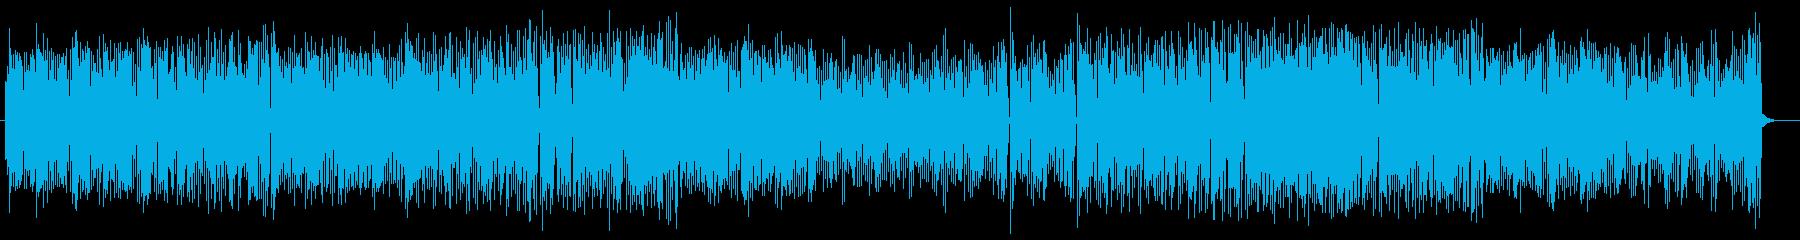 ゆったりとした幻想的なミュージックの再生済みの波形